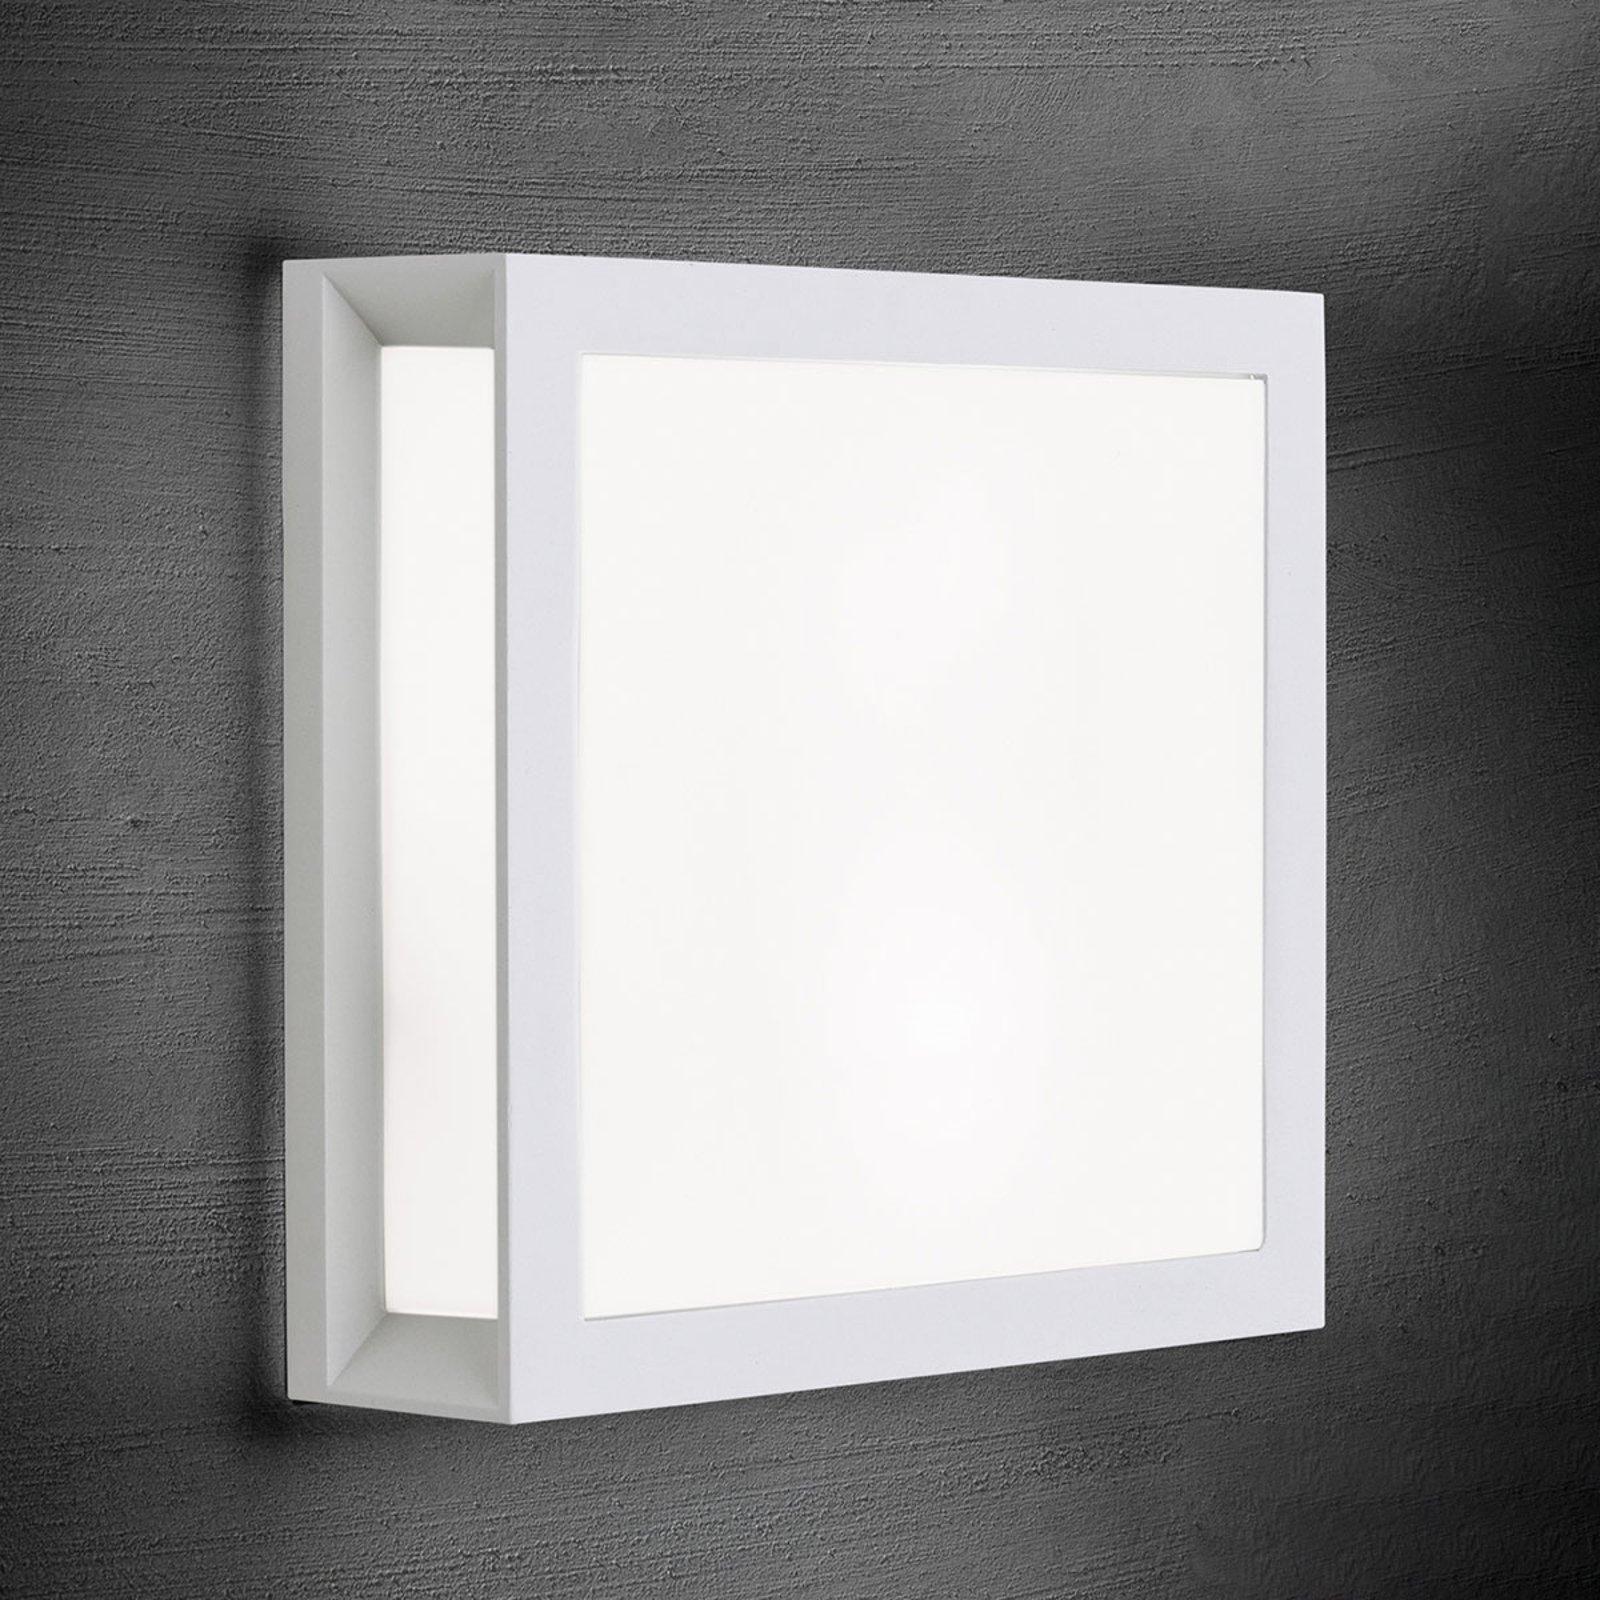 Henry - kvadratisk utendørs vegglampe i hvitt